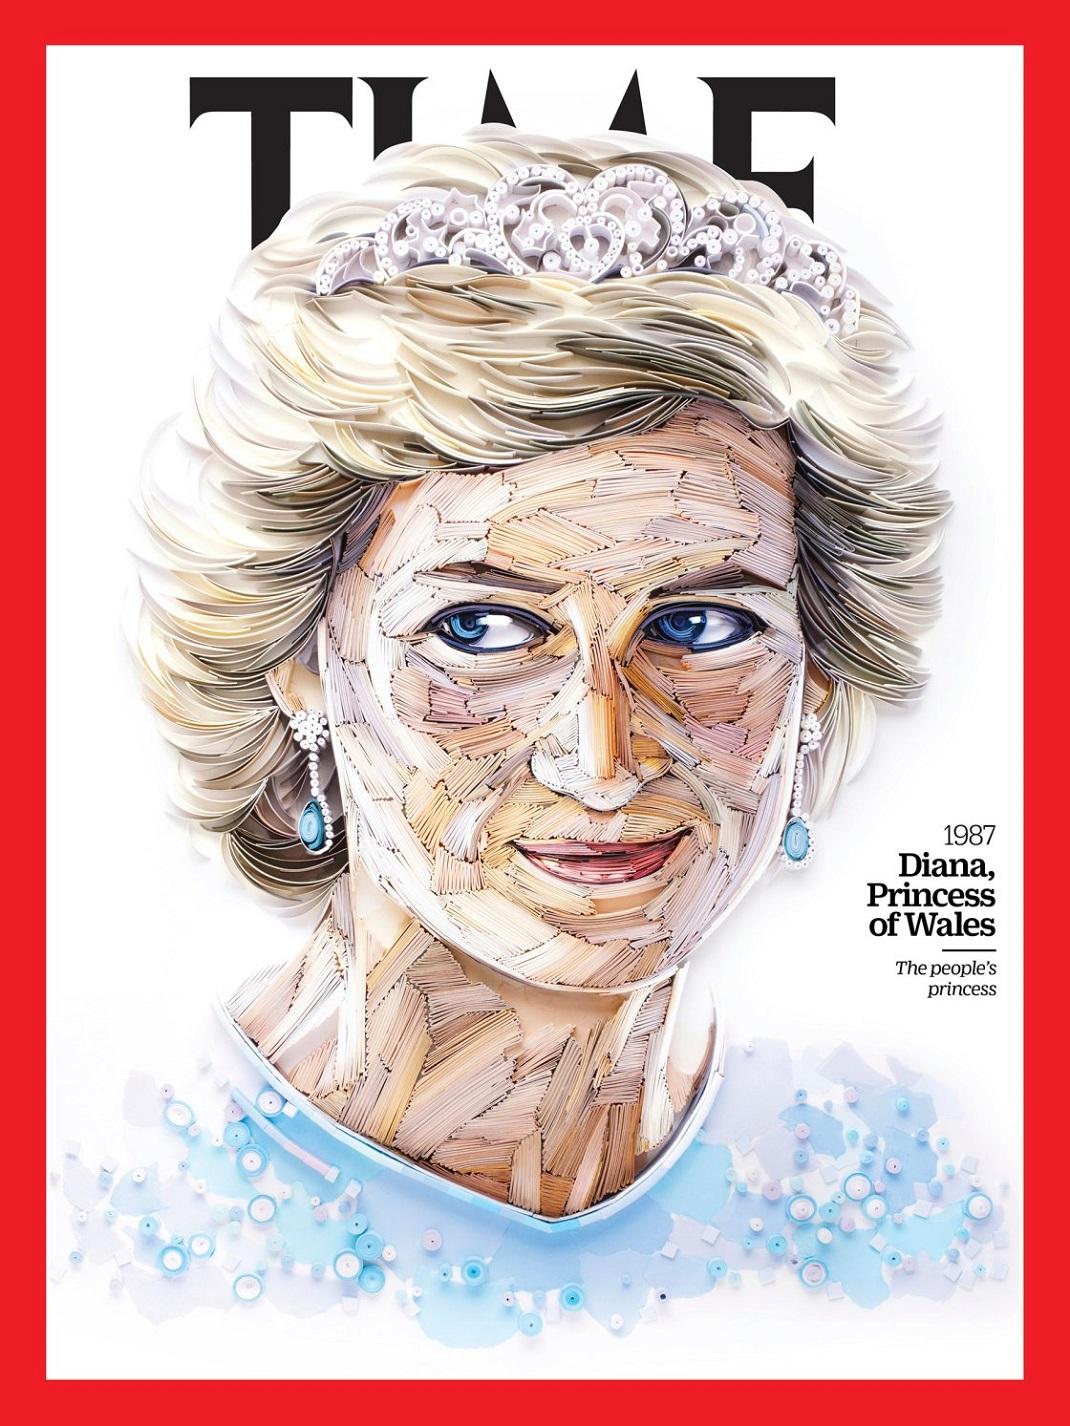 Η πριγκίπισσα Νταϊάνα στο εξώφυλλο του TIME